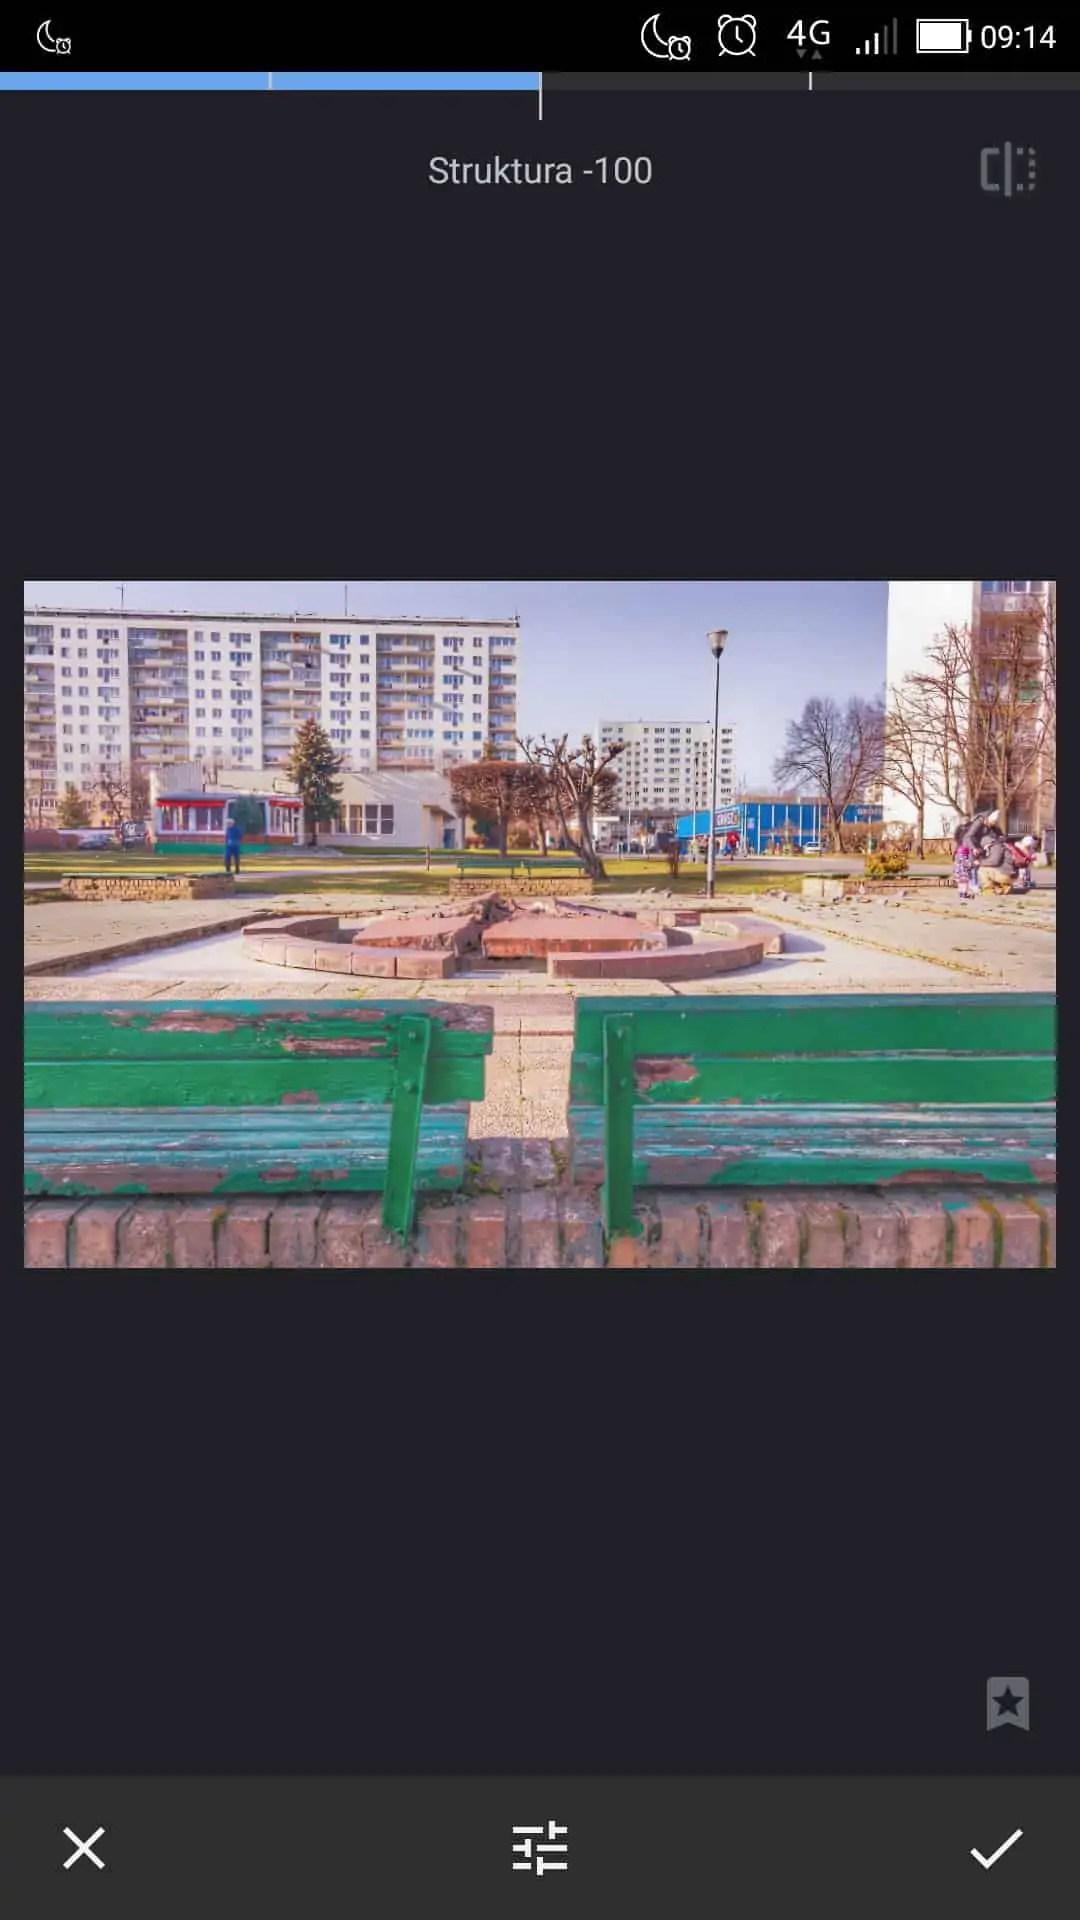 filtr struktury rozmywa kontrast - Snapseed apka do zdjęć dla każdego